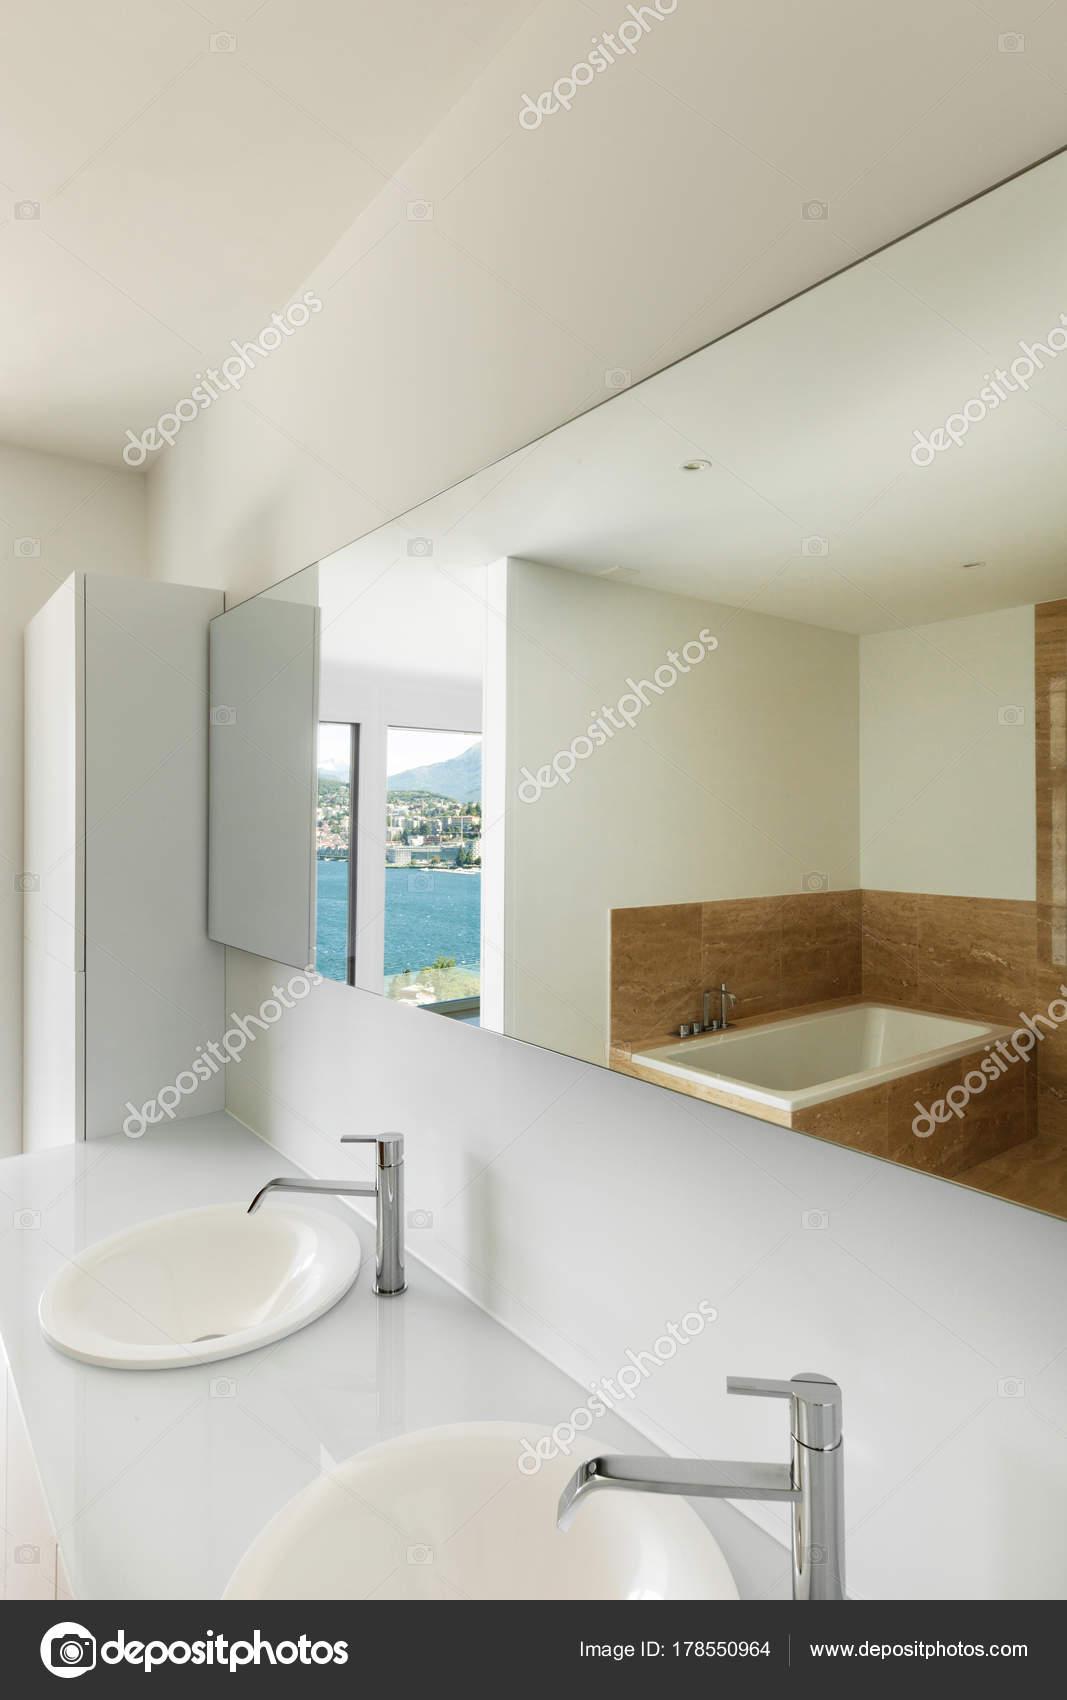 wasbak van een moderne badkamer — Stockfoto © Zveiger #178550964